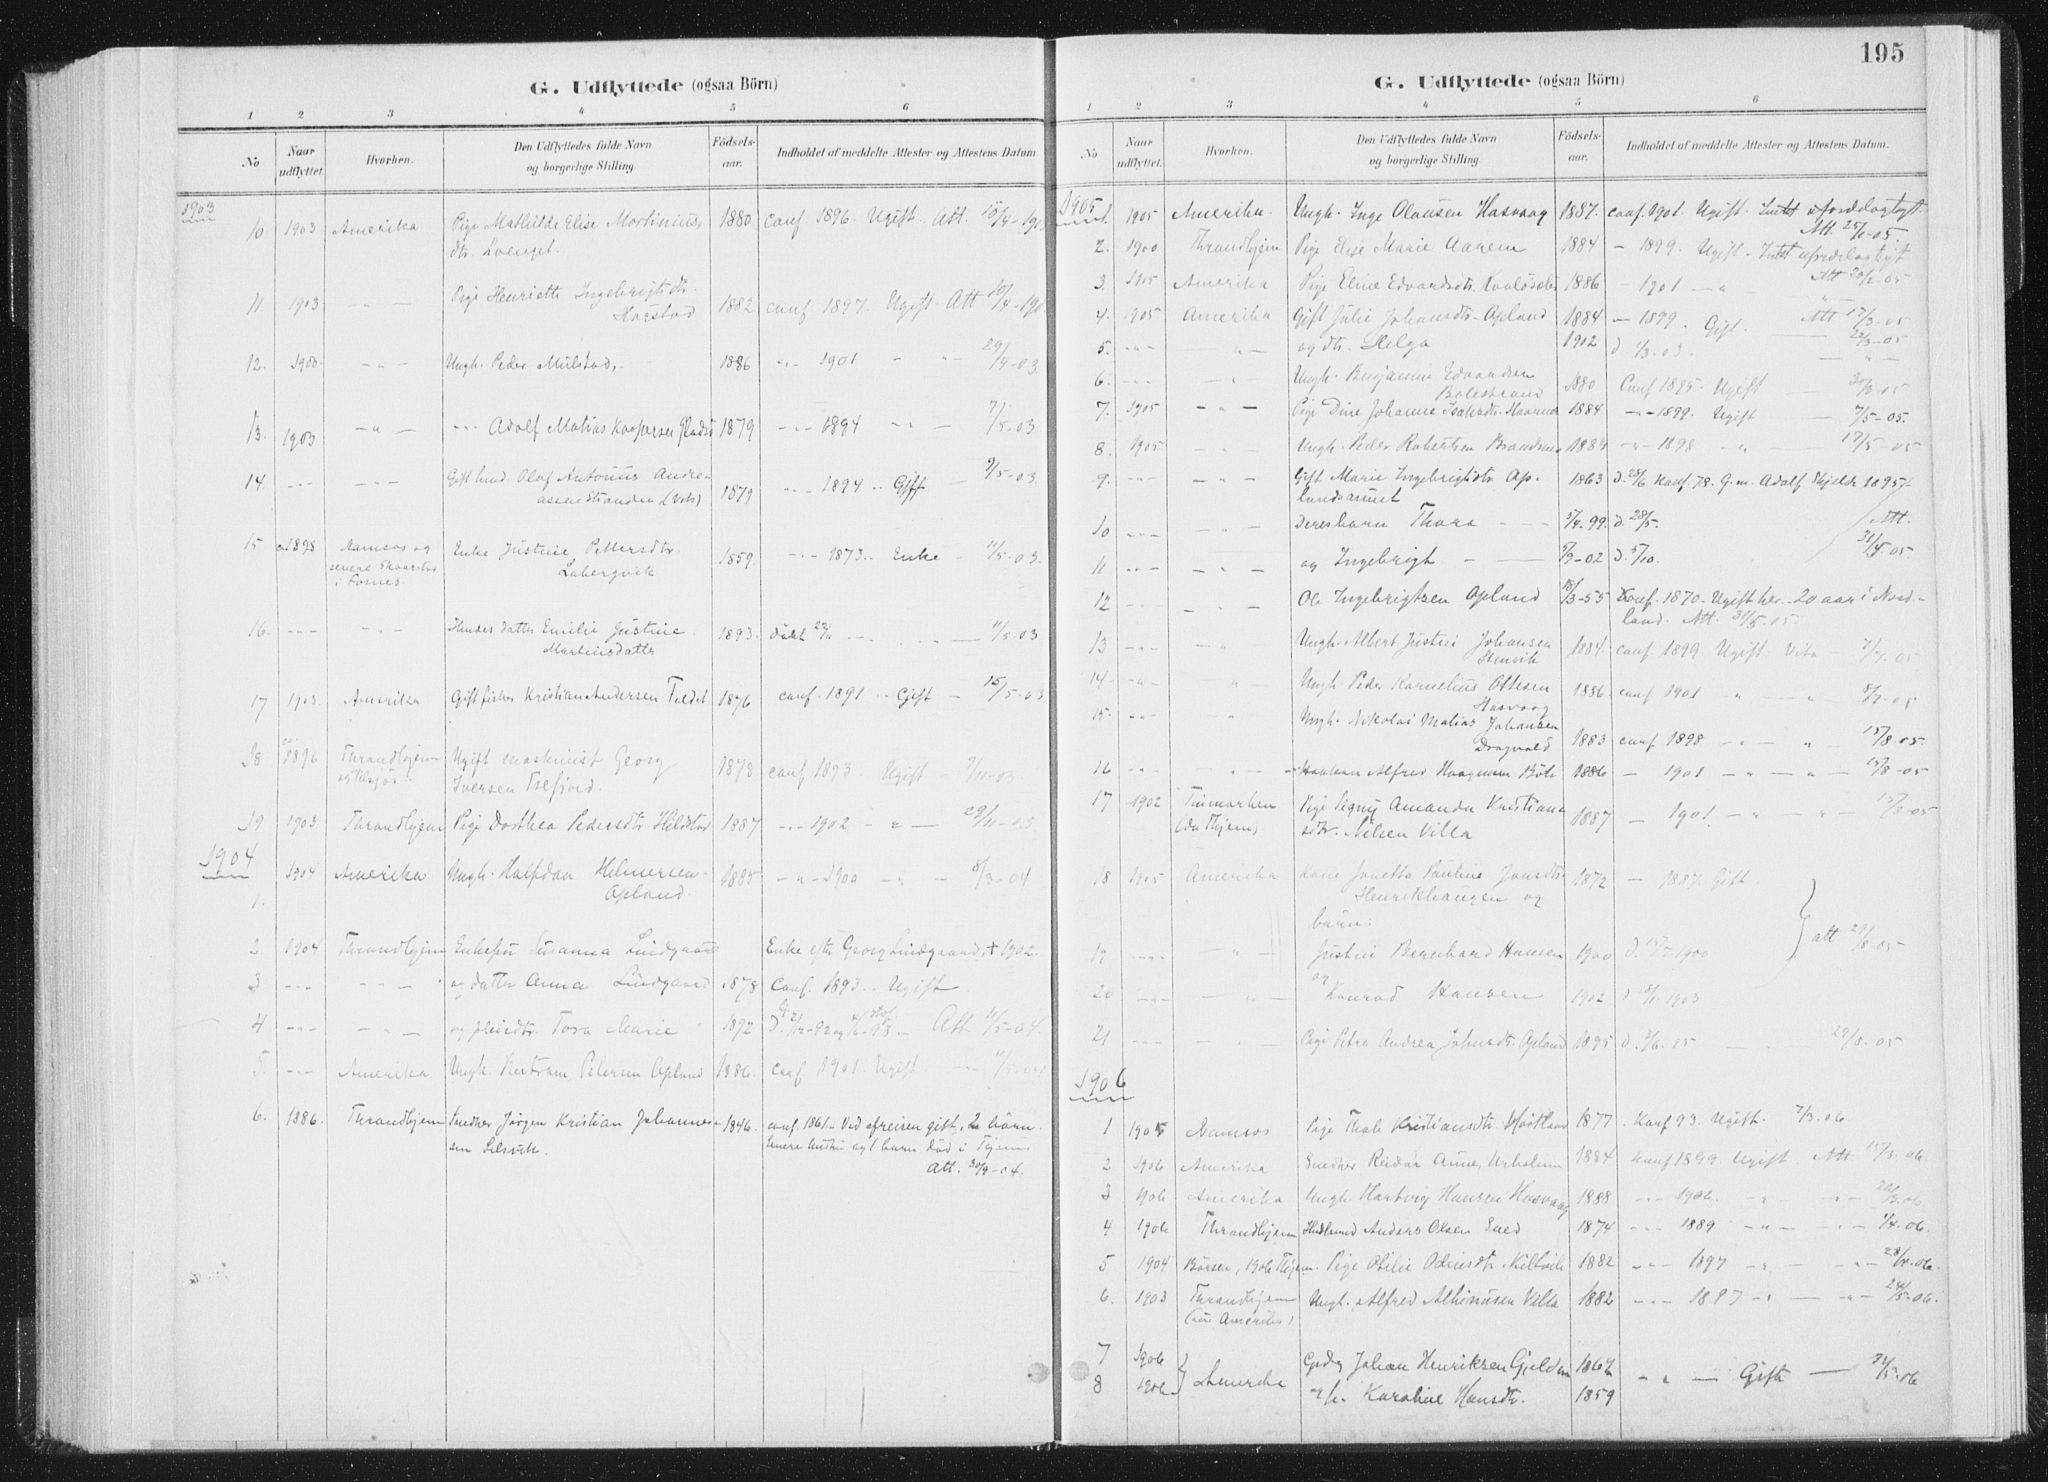 SAT, Ministerialprotokoller, klokkerbøker og fødselsregistre - Nord-Trøndelag, 771/L0597: Ministerialbok nr. 771A04, 1885-1910, s. 195